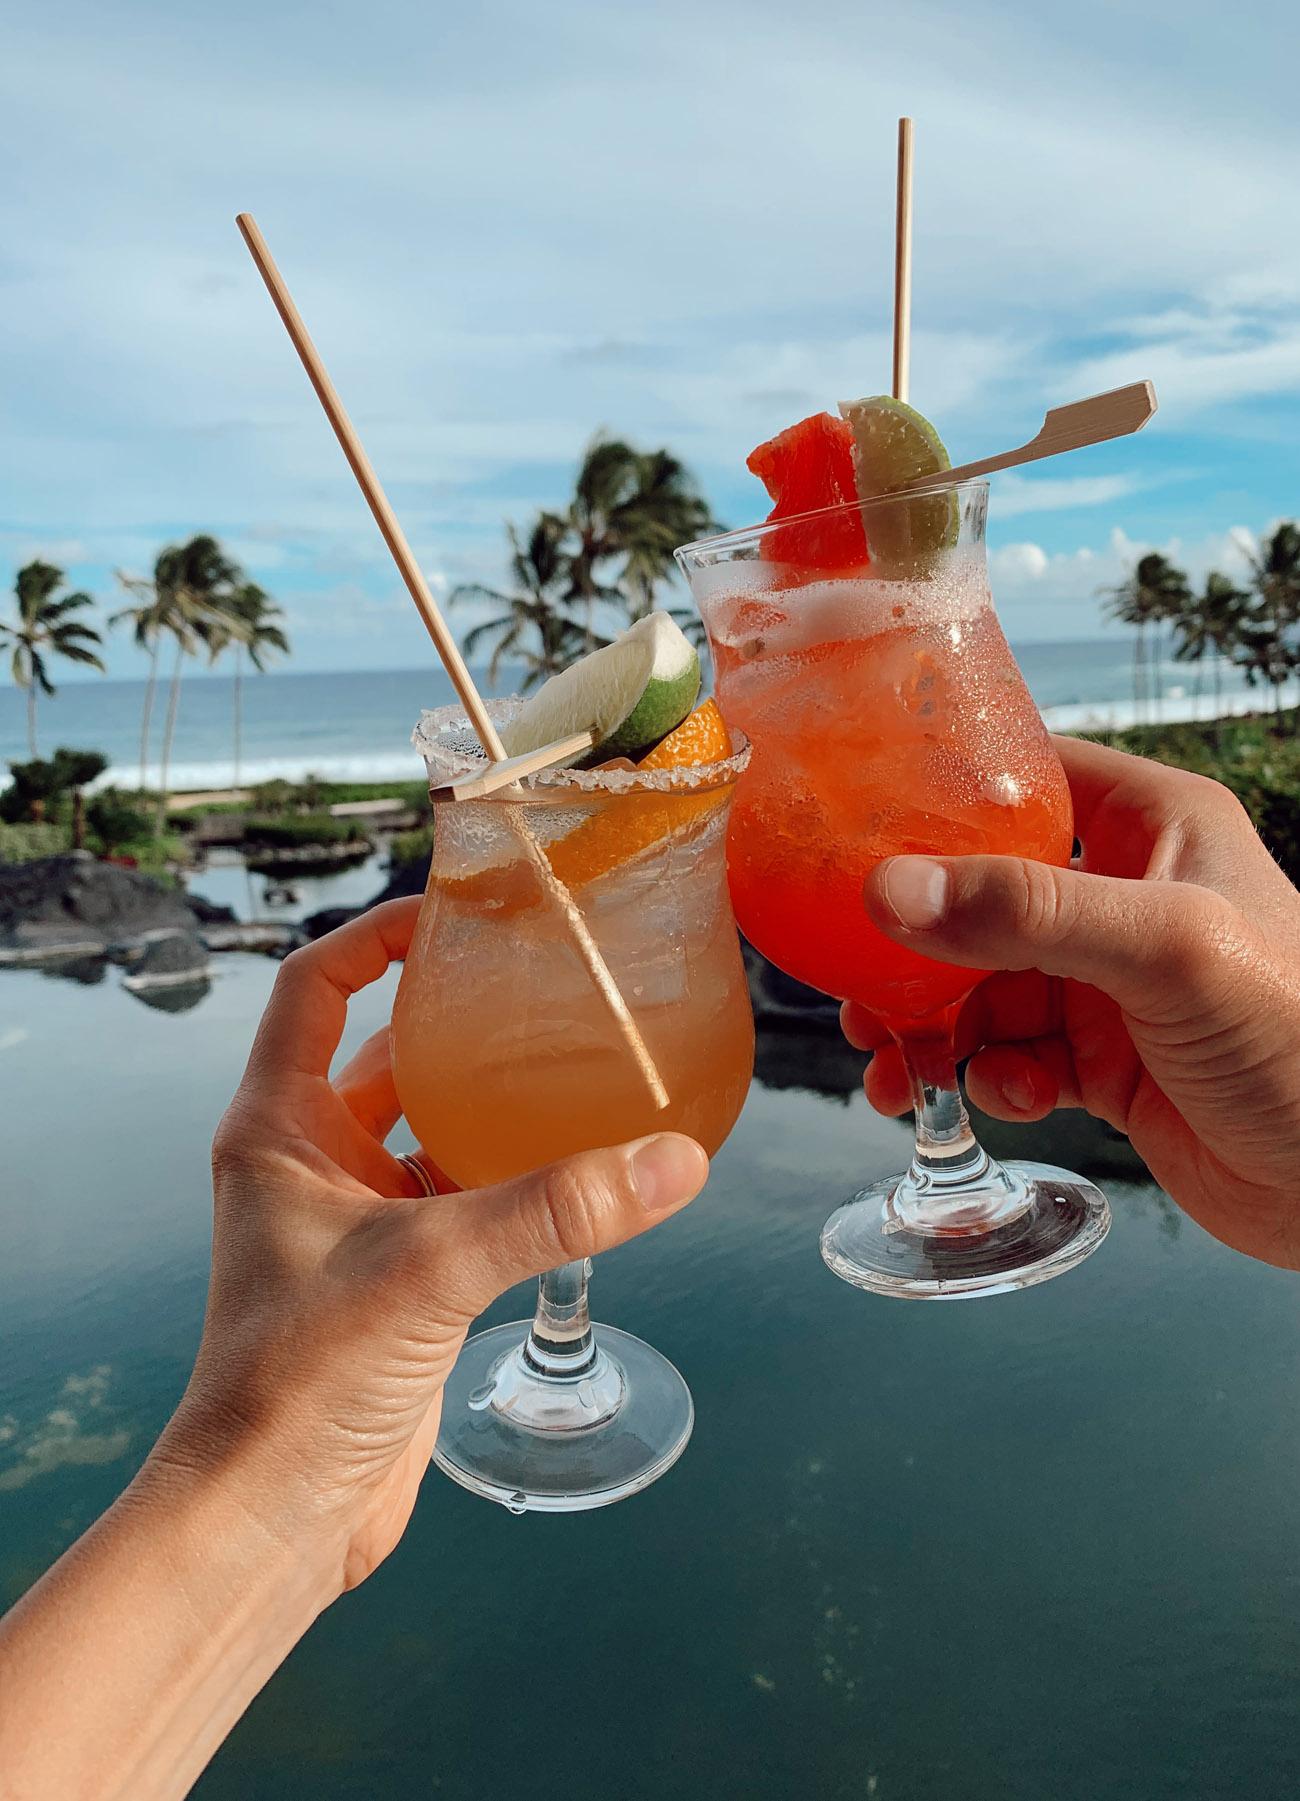 Tropical Cocktails at the Grand Hyatt Resort & Spa in Kauai